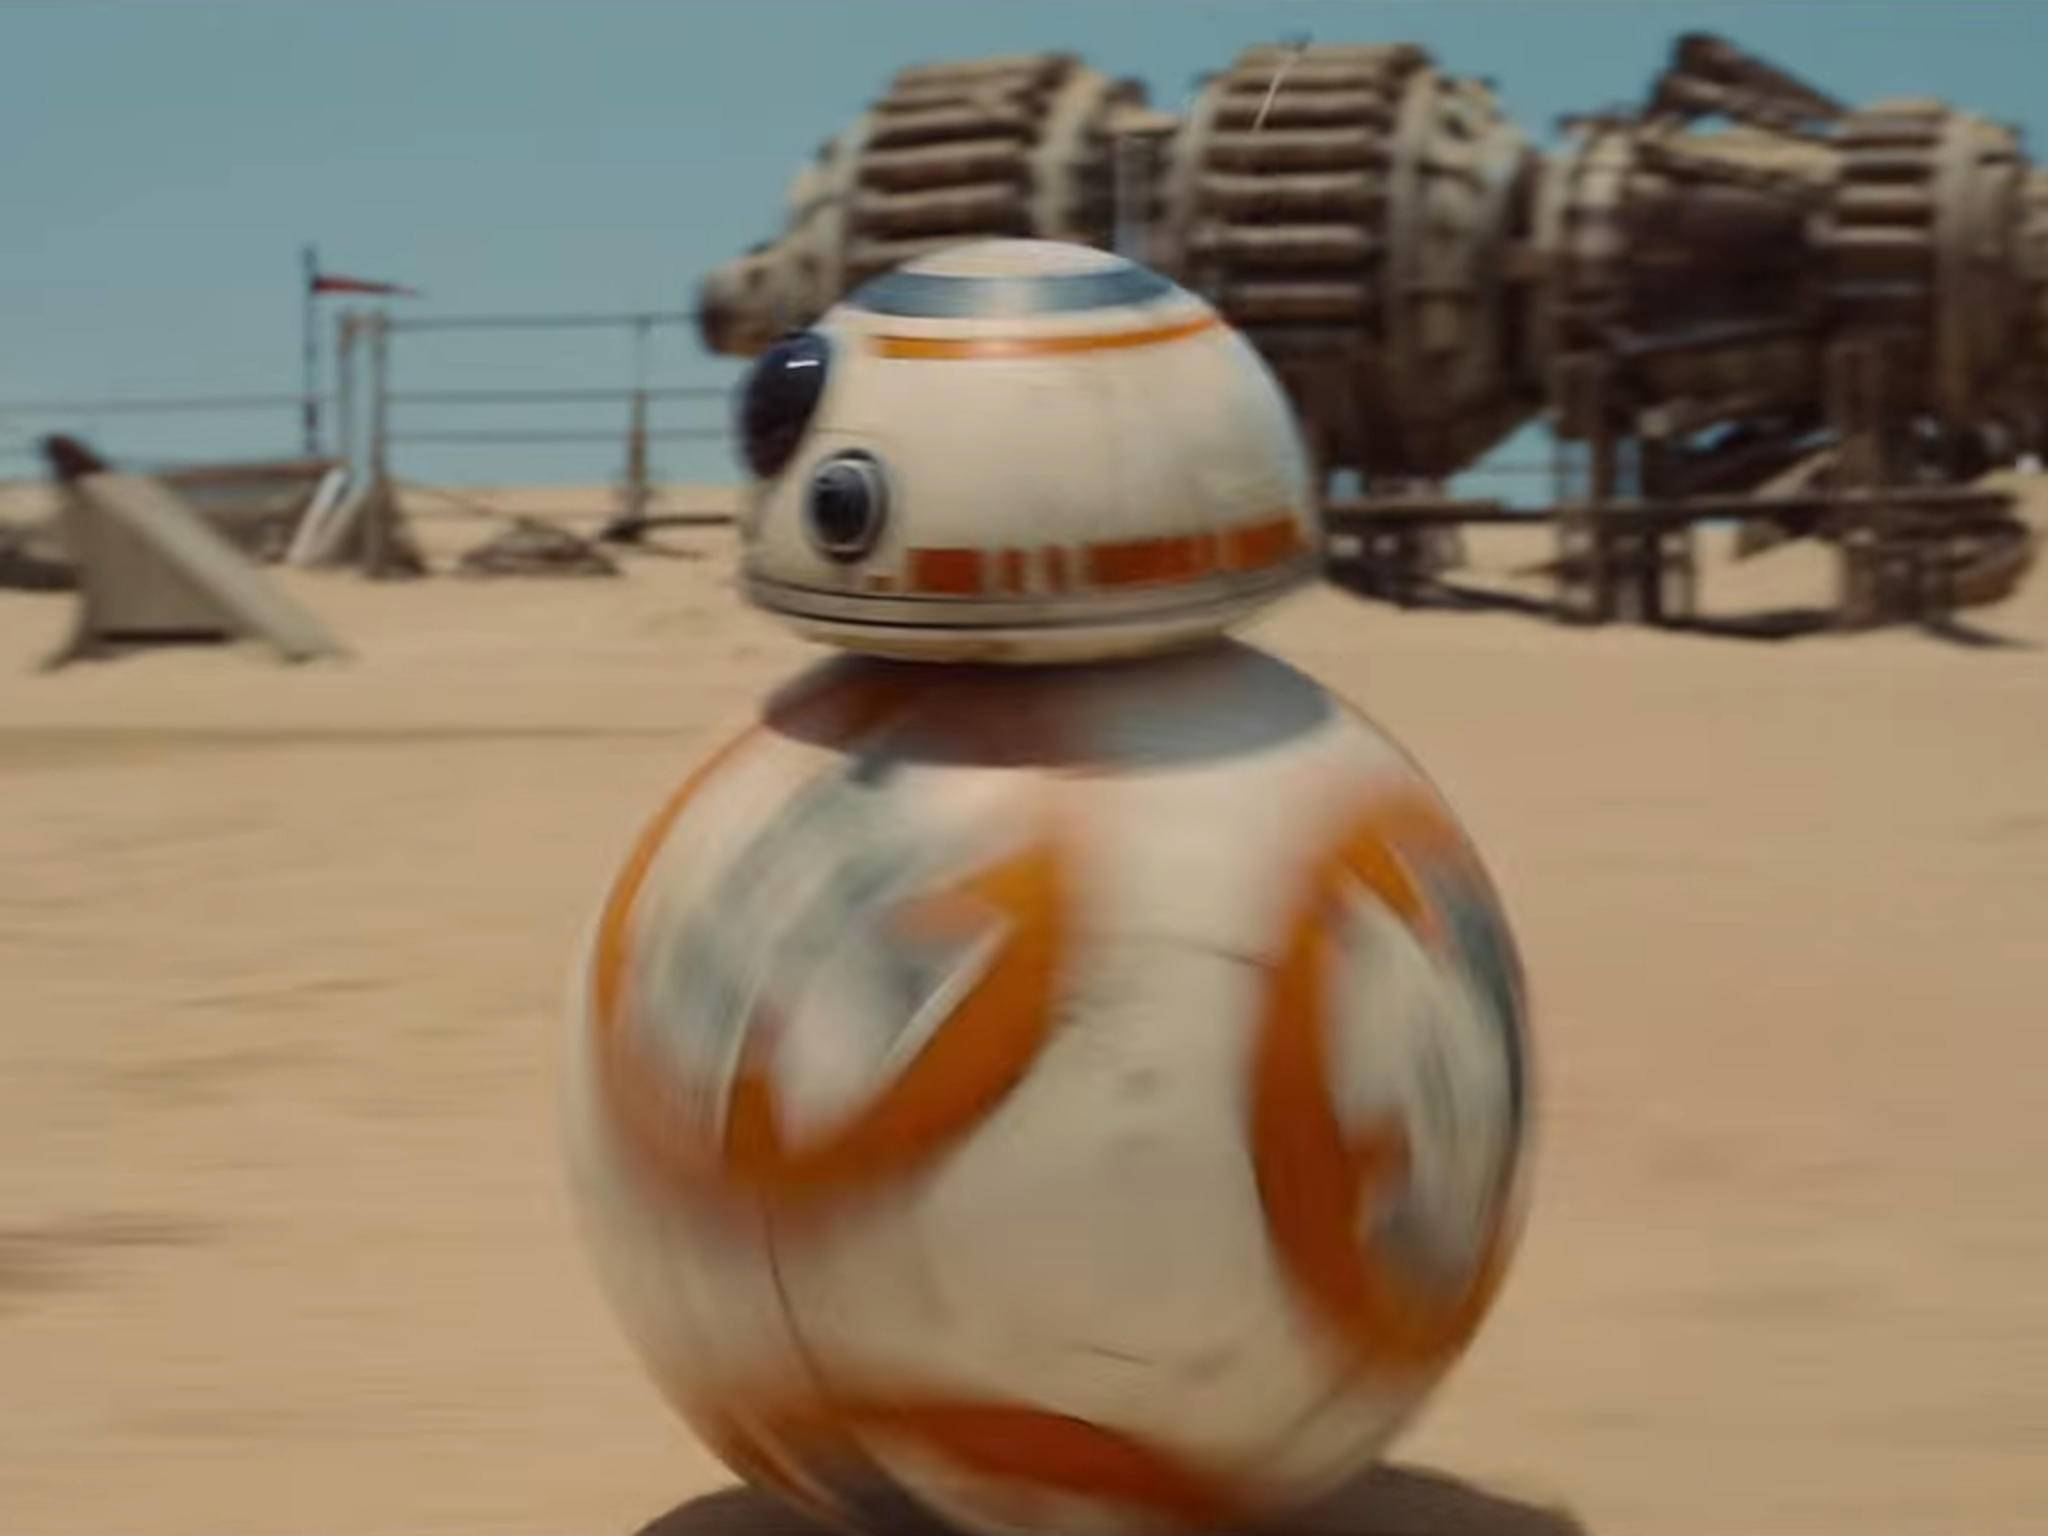 Dieser kugelige Roboter hört auf den Namen BB-8.